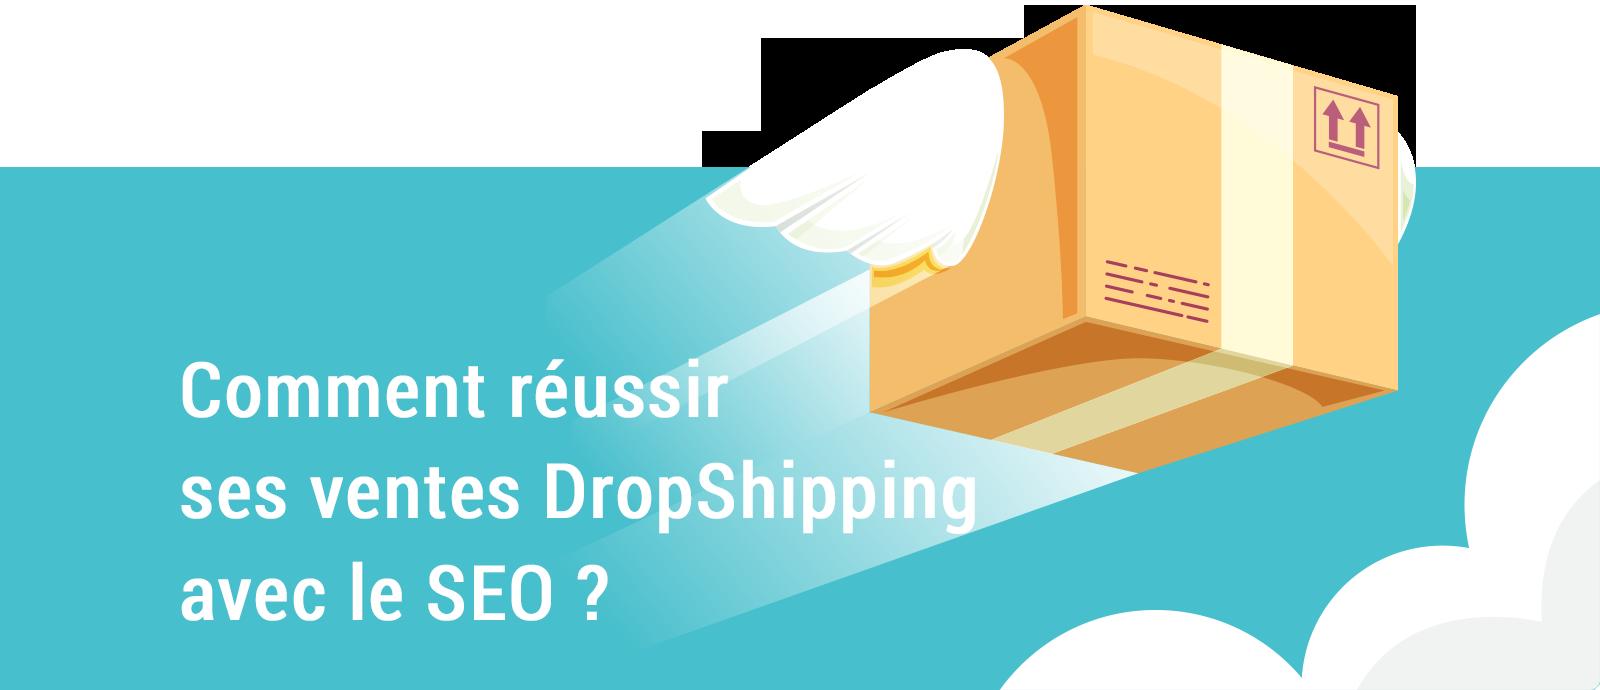 Réussir ses ventes Dropshipping avec le SEO